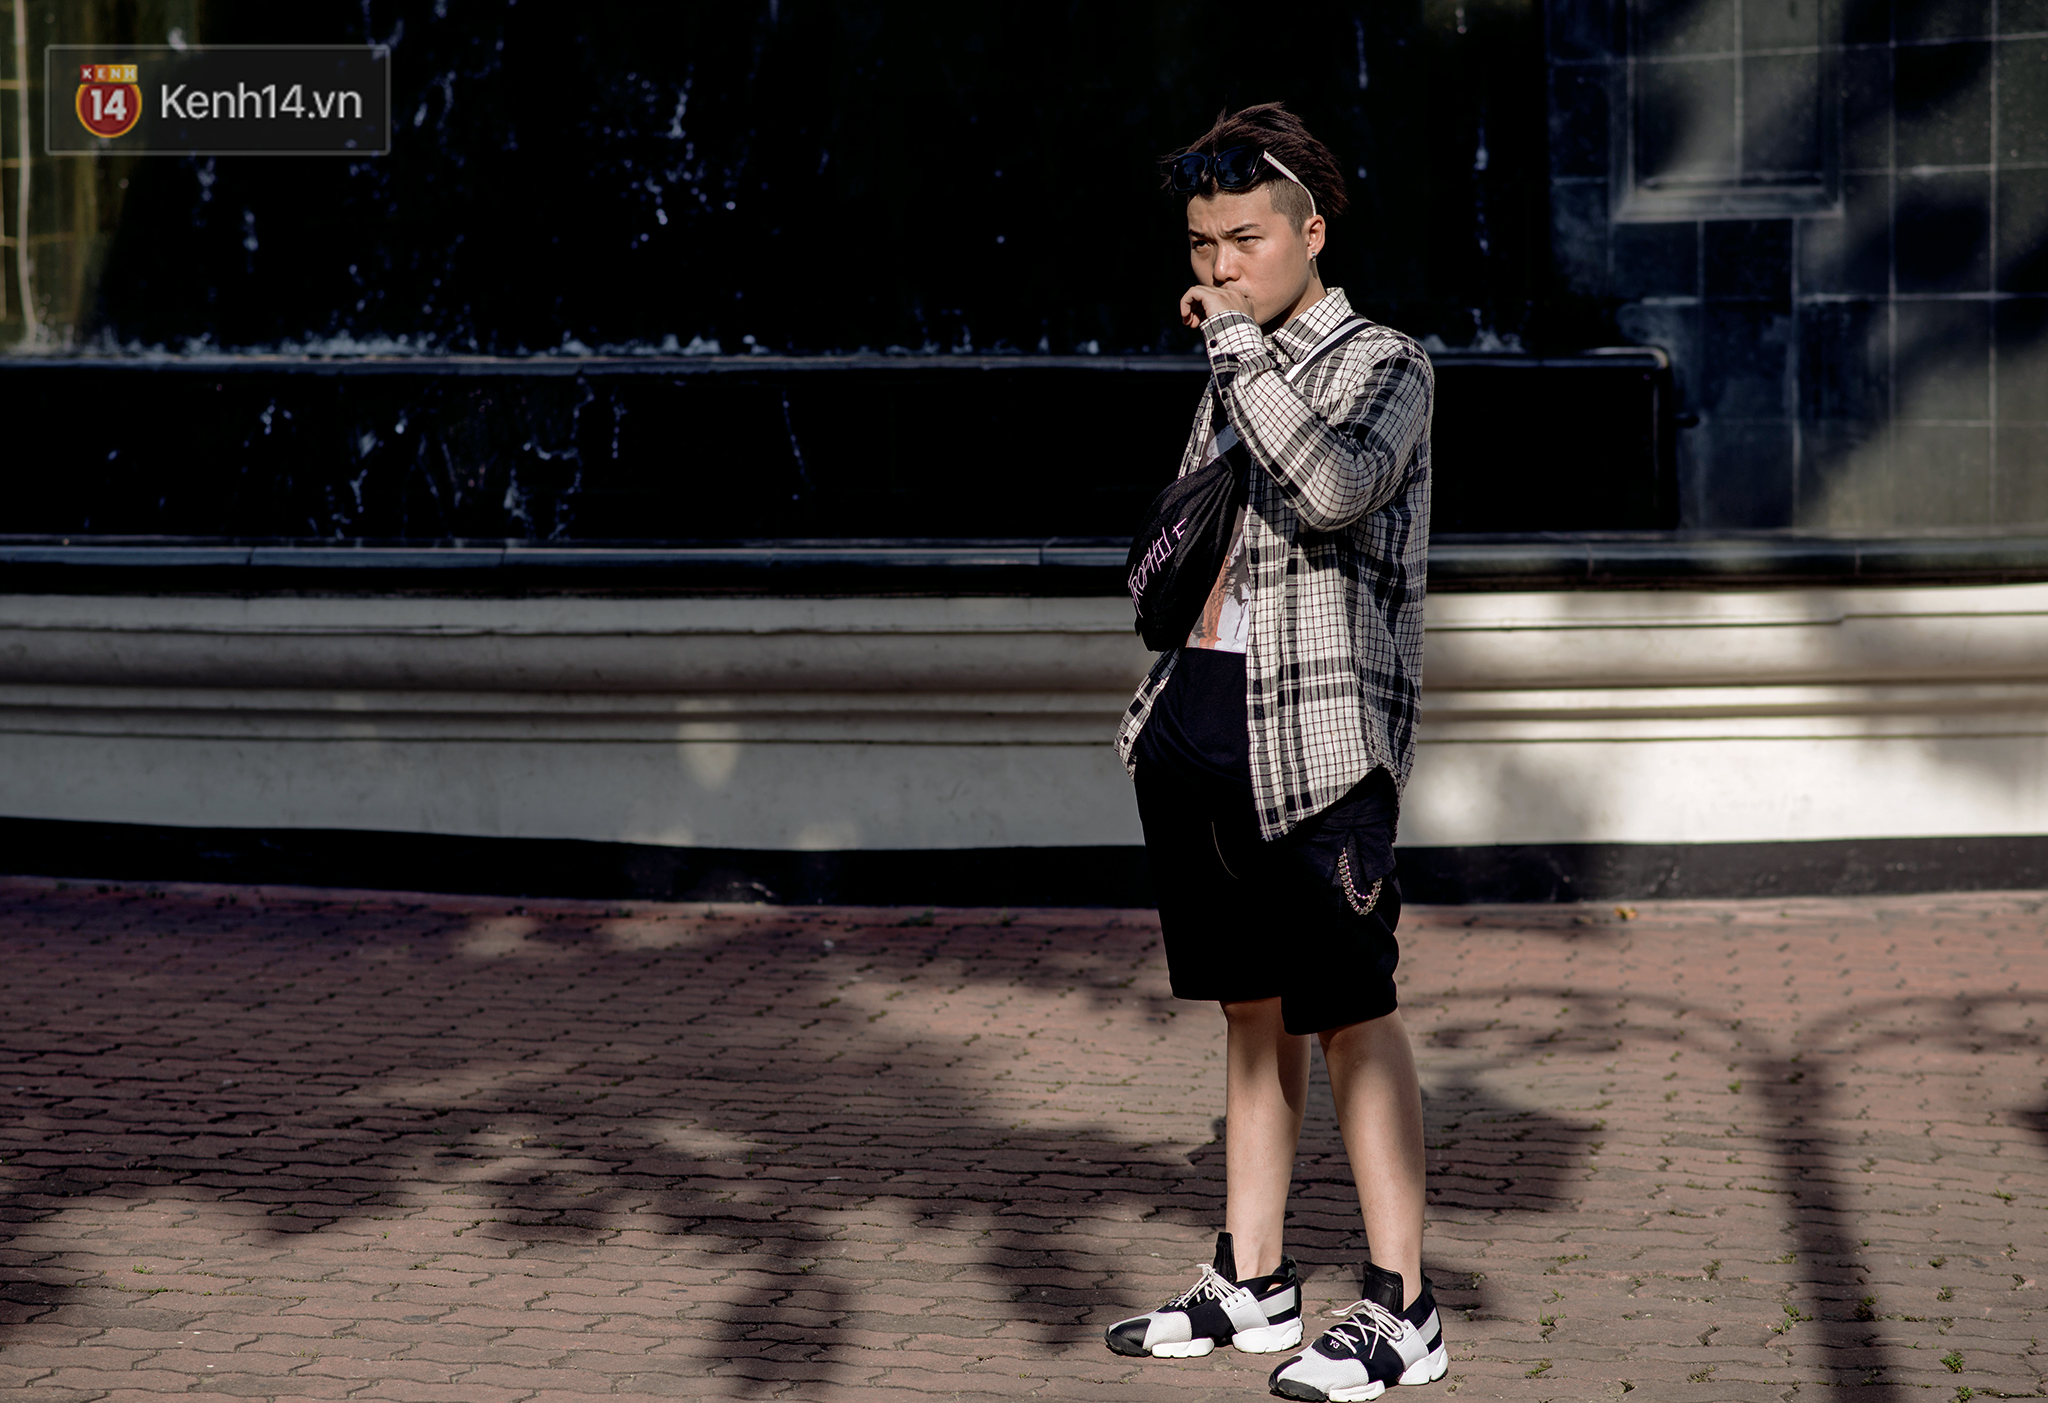 Thời trang: Trời mát mẻ, giới trẻ Việt chẳng ngại ăn vận